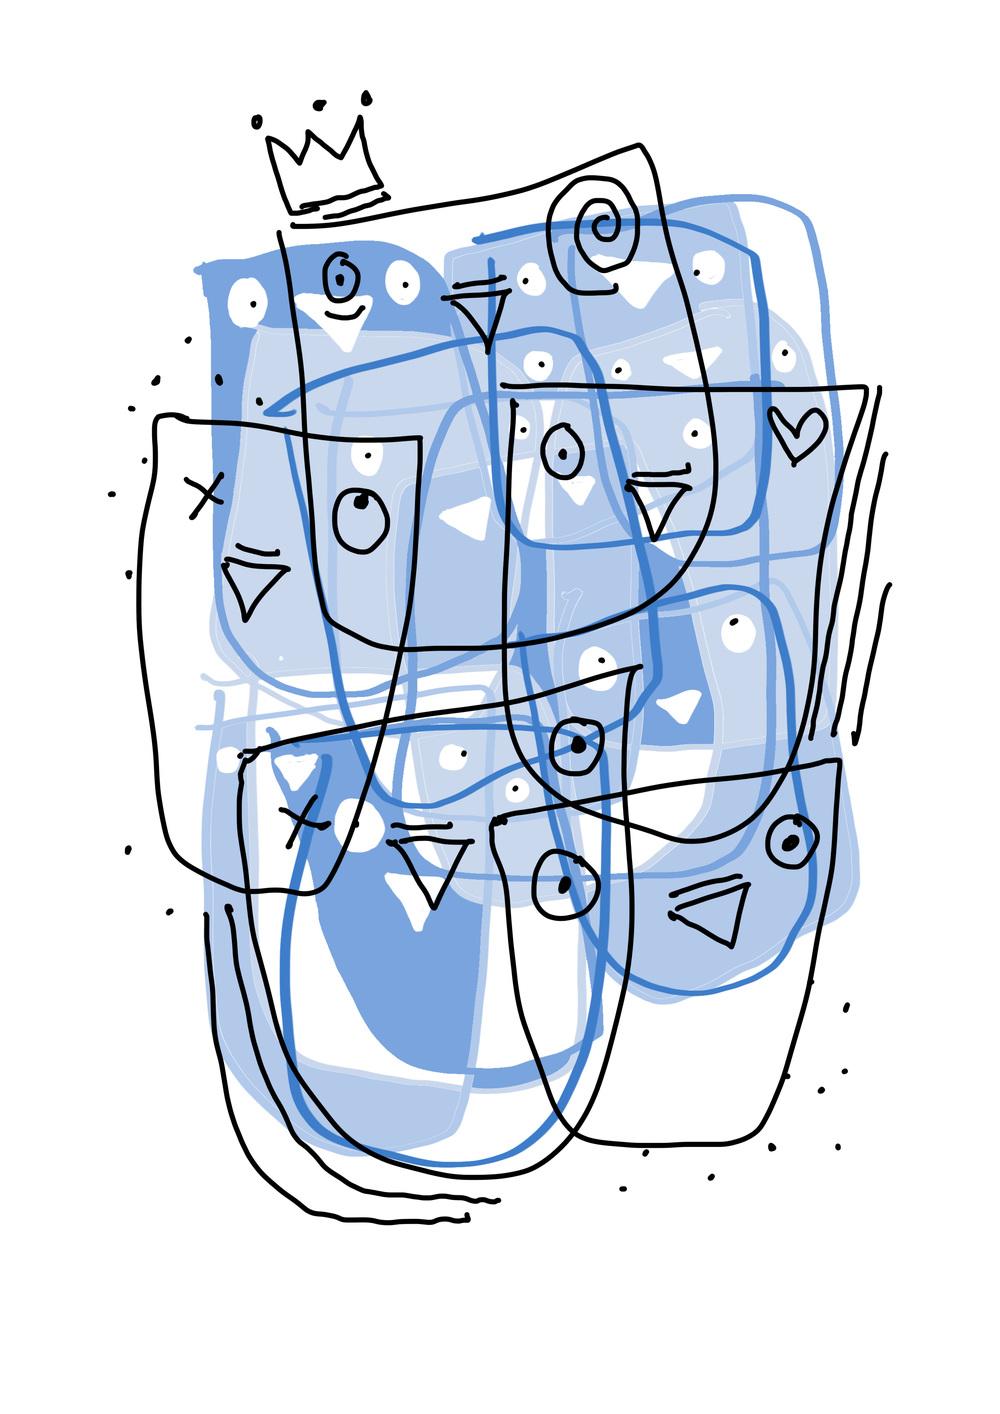 Unbenannt-3 - Kopie.jpg